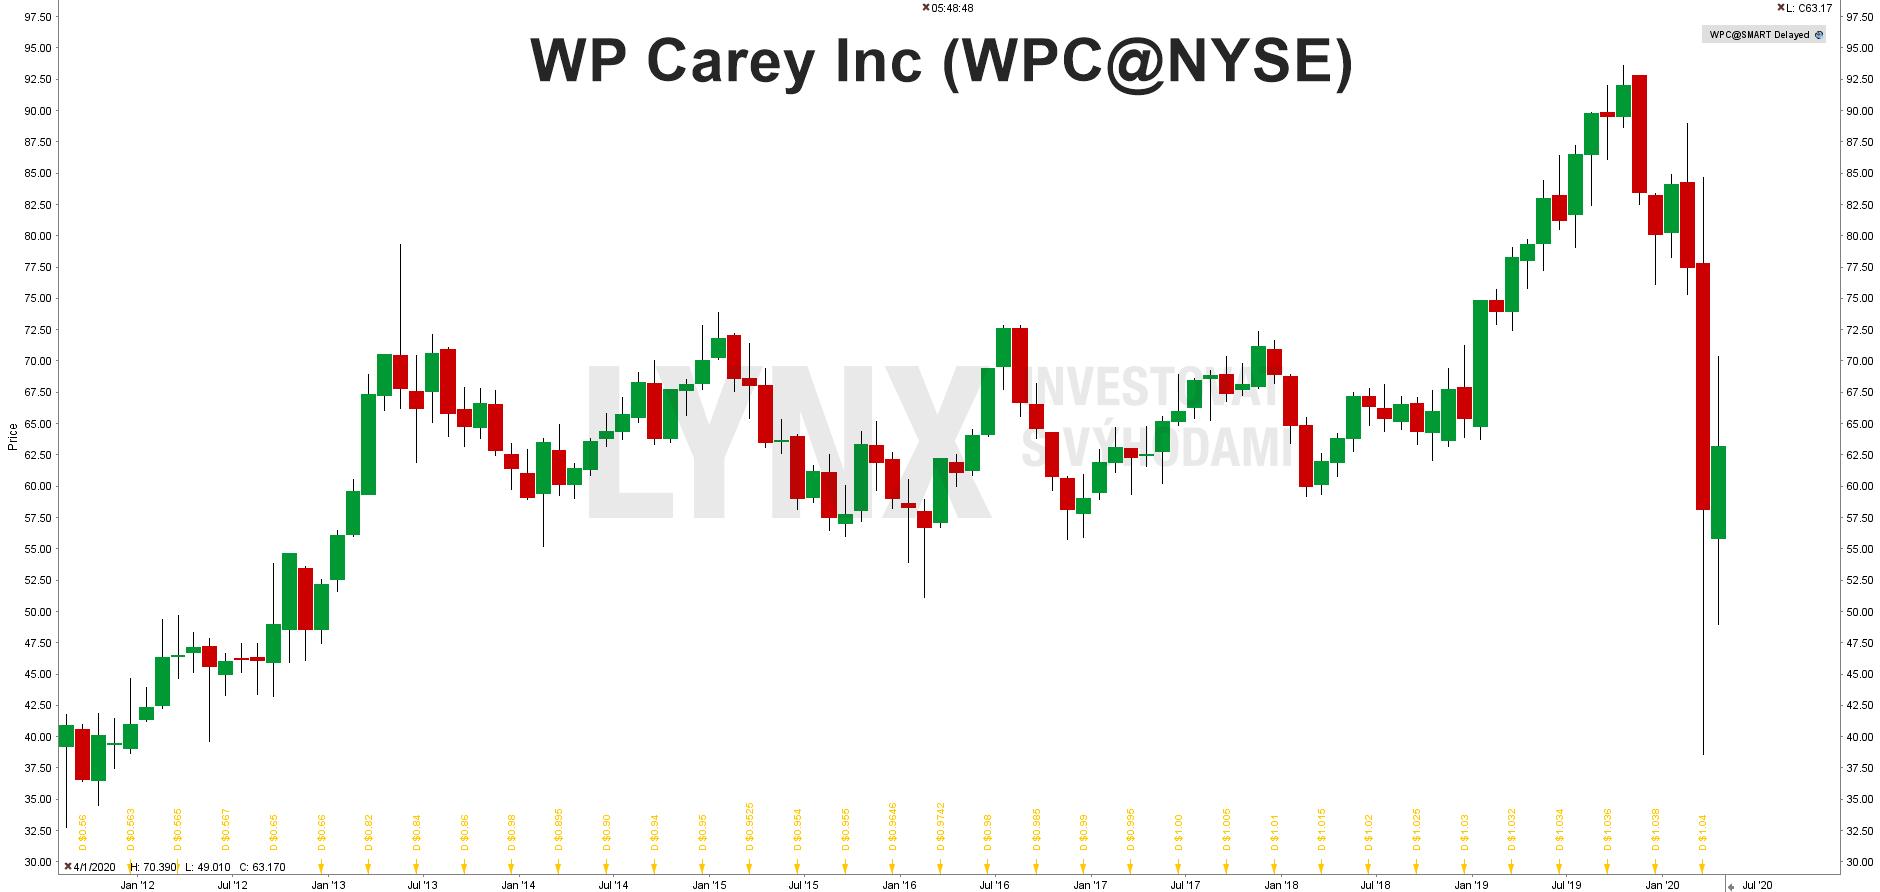 WP Carey Inc (WPC@NYSE)